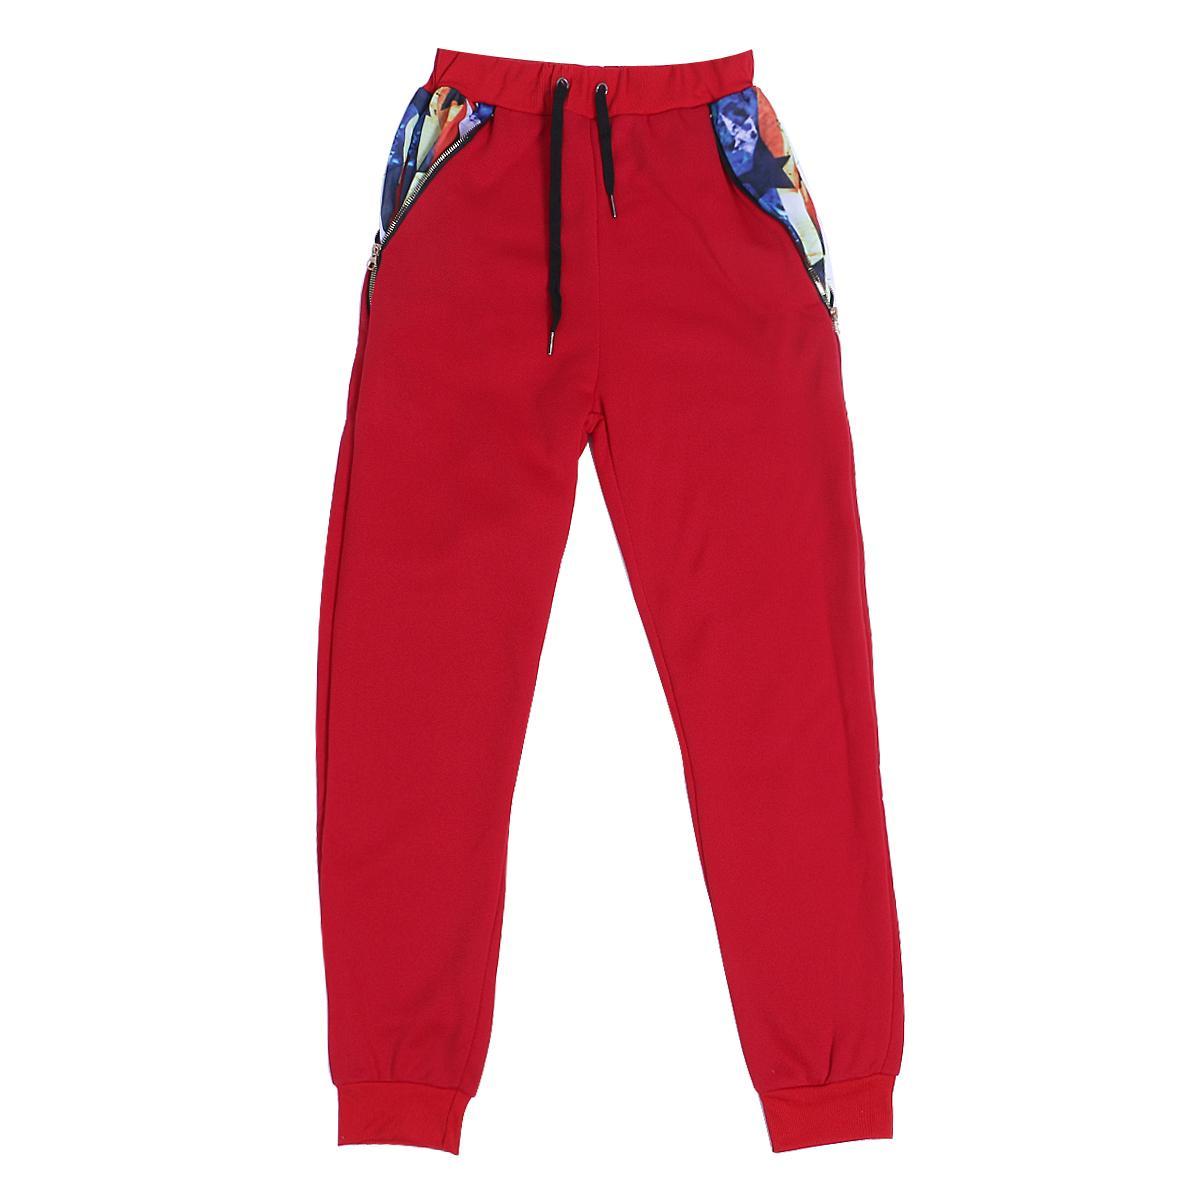 Rafraîchissez Hommes Noir Gris foncé Rouge sport Pantalon taille haute élastique Fermeture éclair Imprimer poches Pantalons refroidissent Pantalon Hommes Trendy Harem